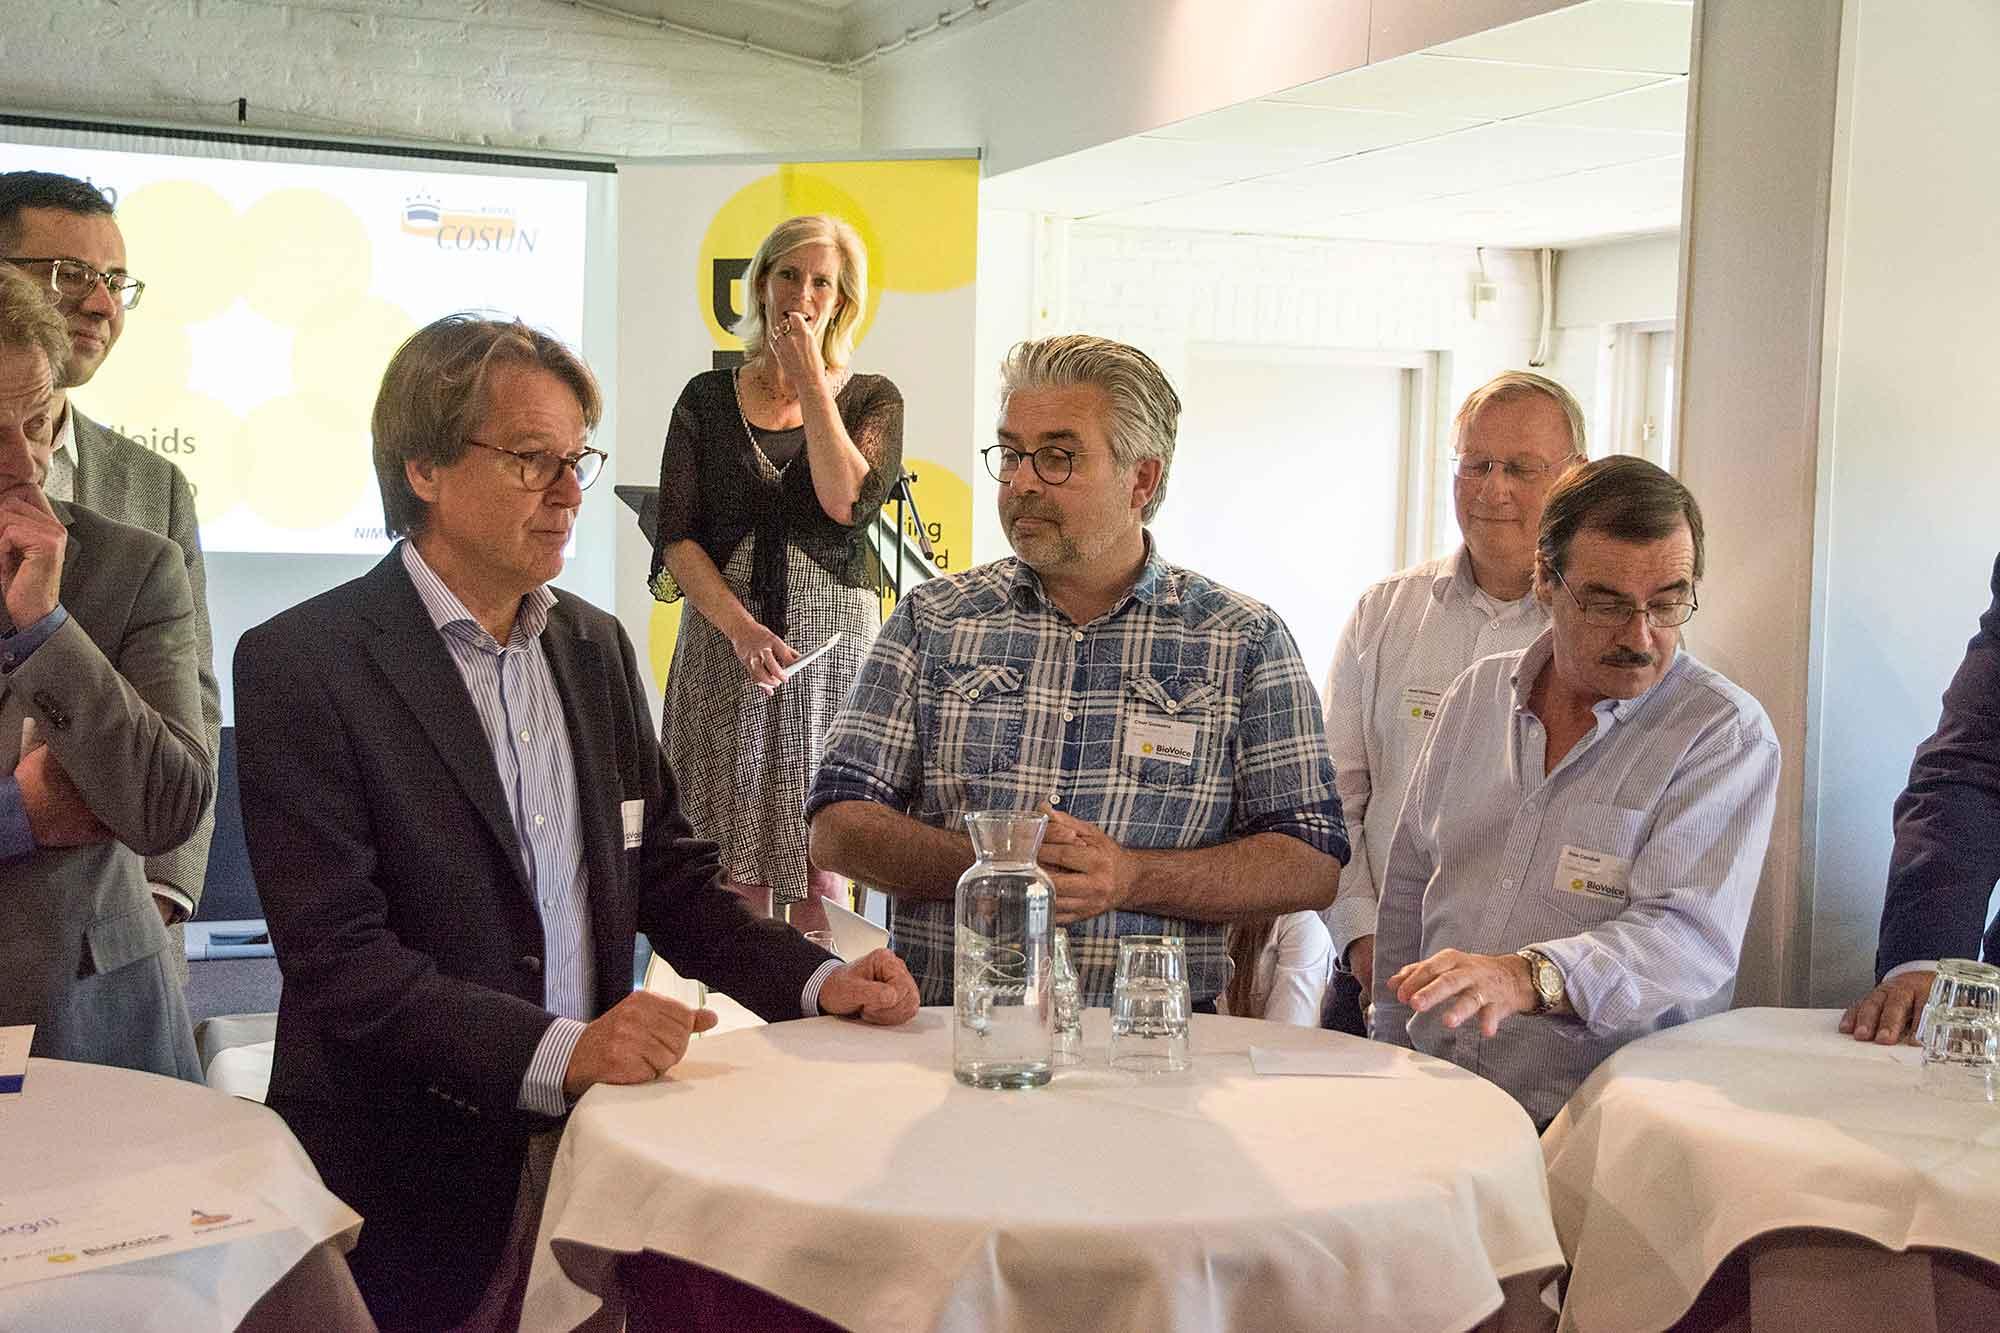 Ad de Laat (Cosun) met ondernemers BioVoice